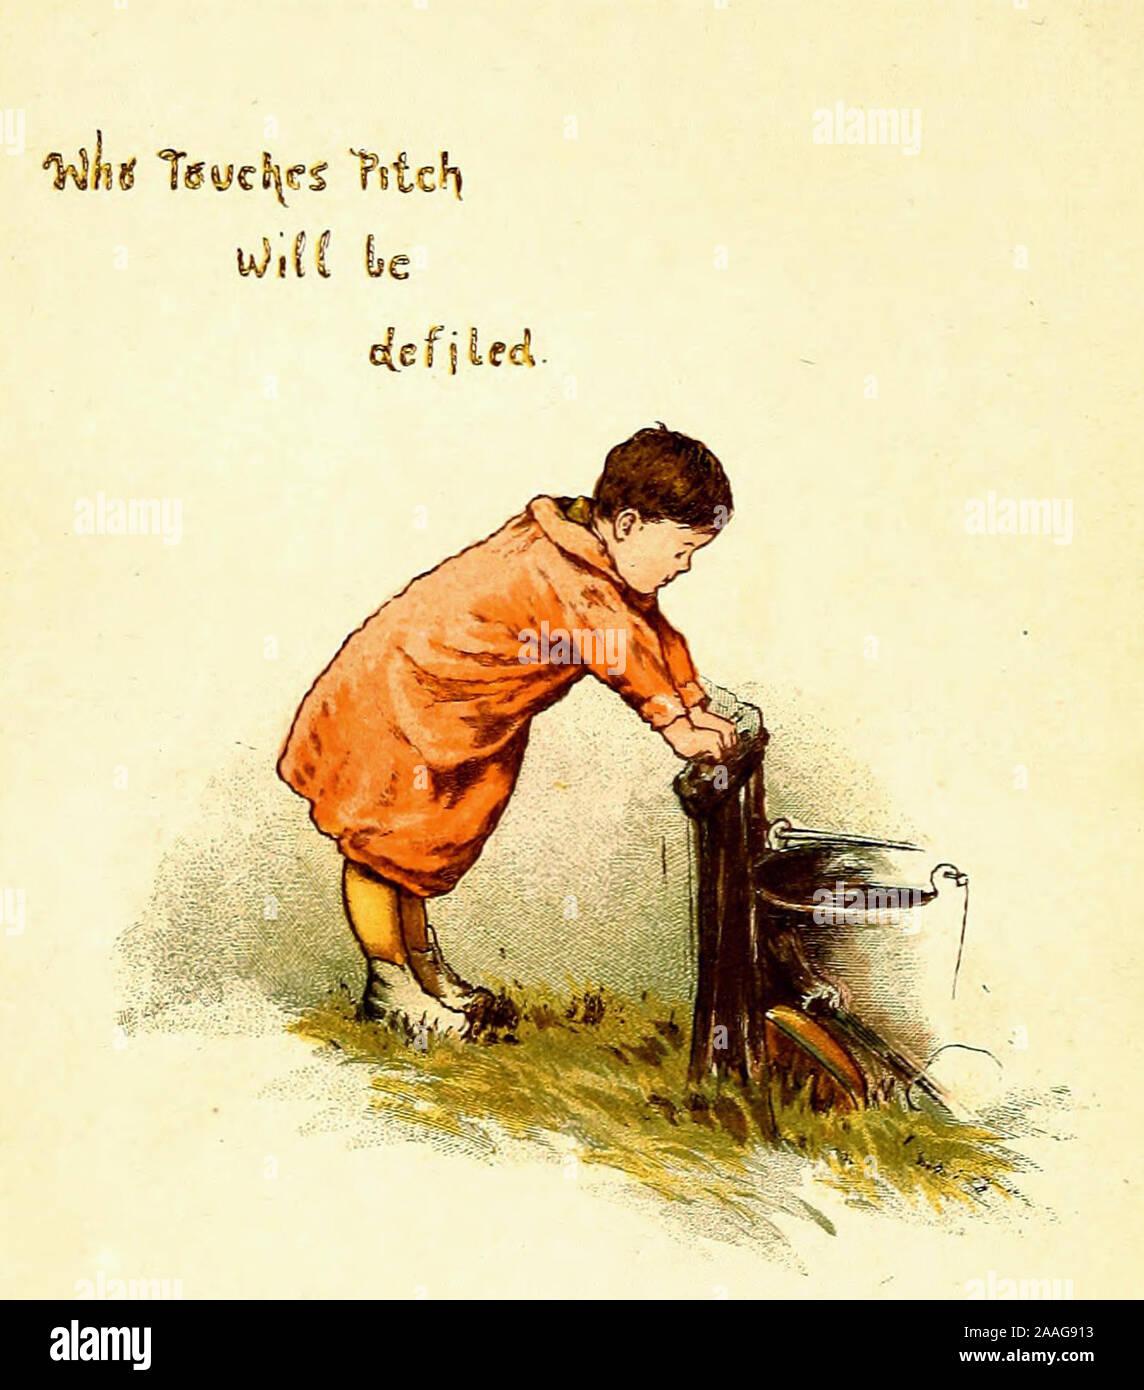 Qui touche pas sera souillé - Vintage Illustration d'un vieux proverbe. Banque D'Images